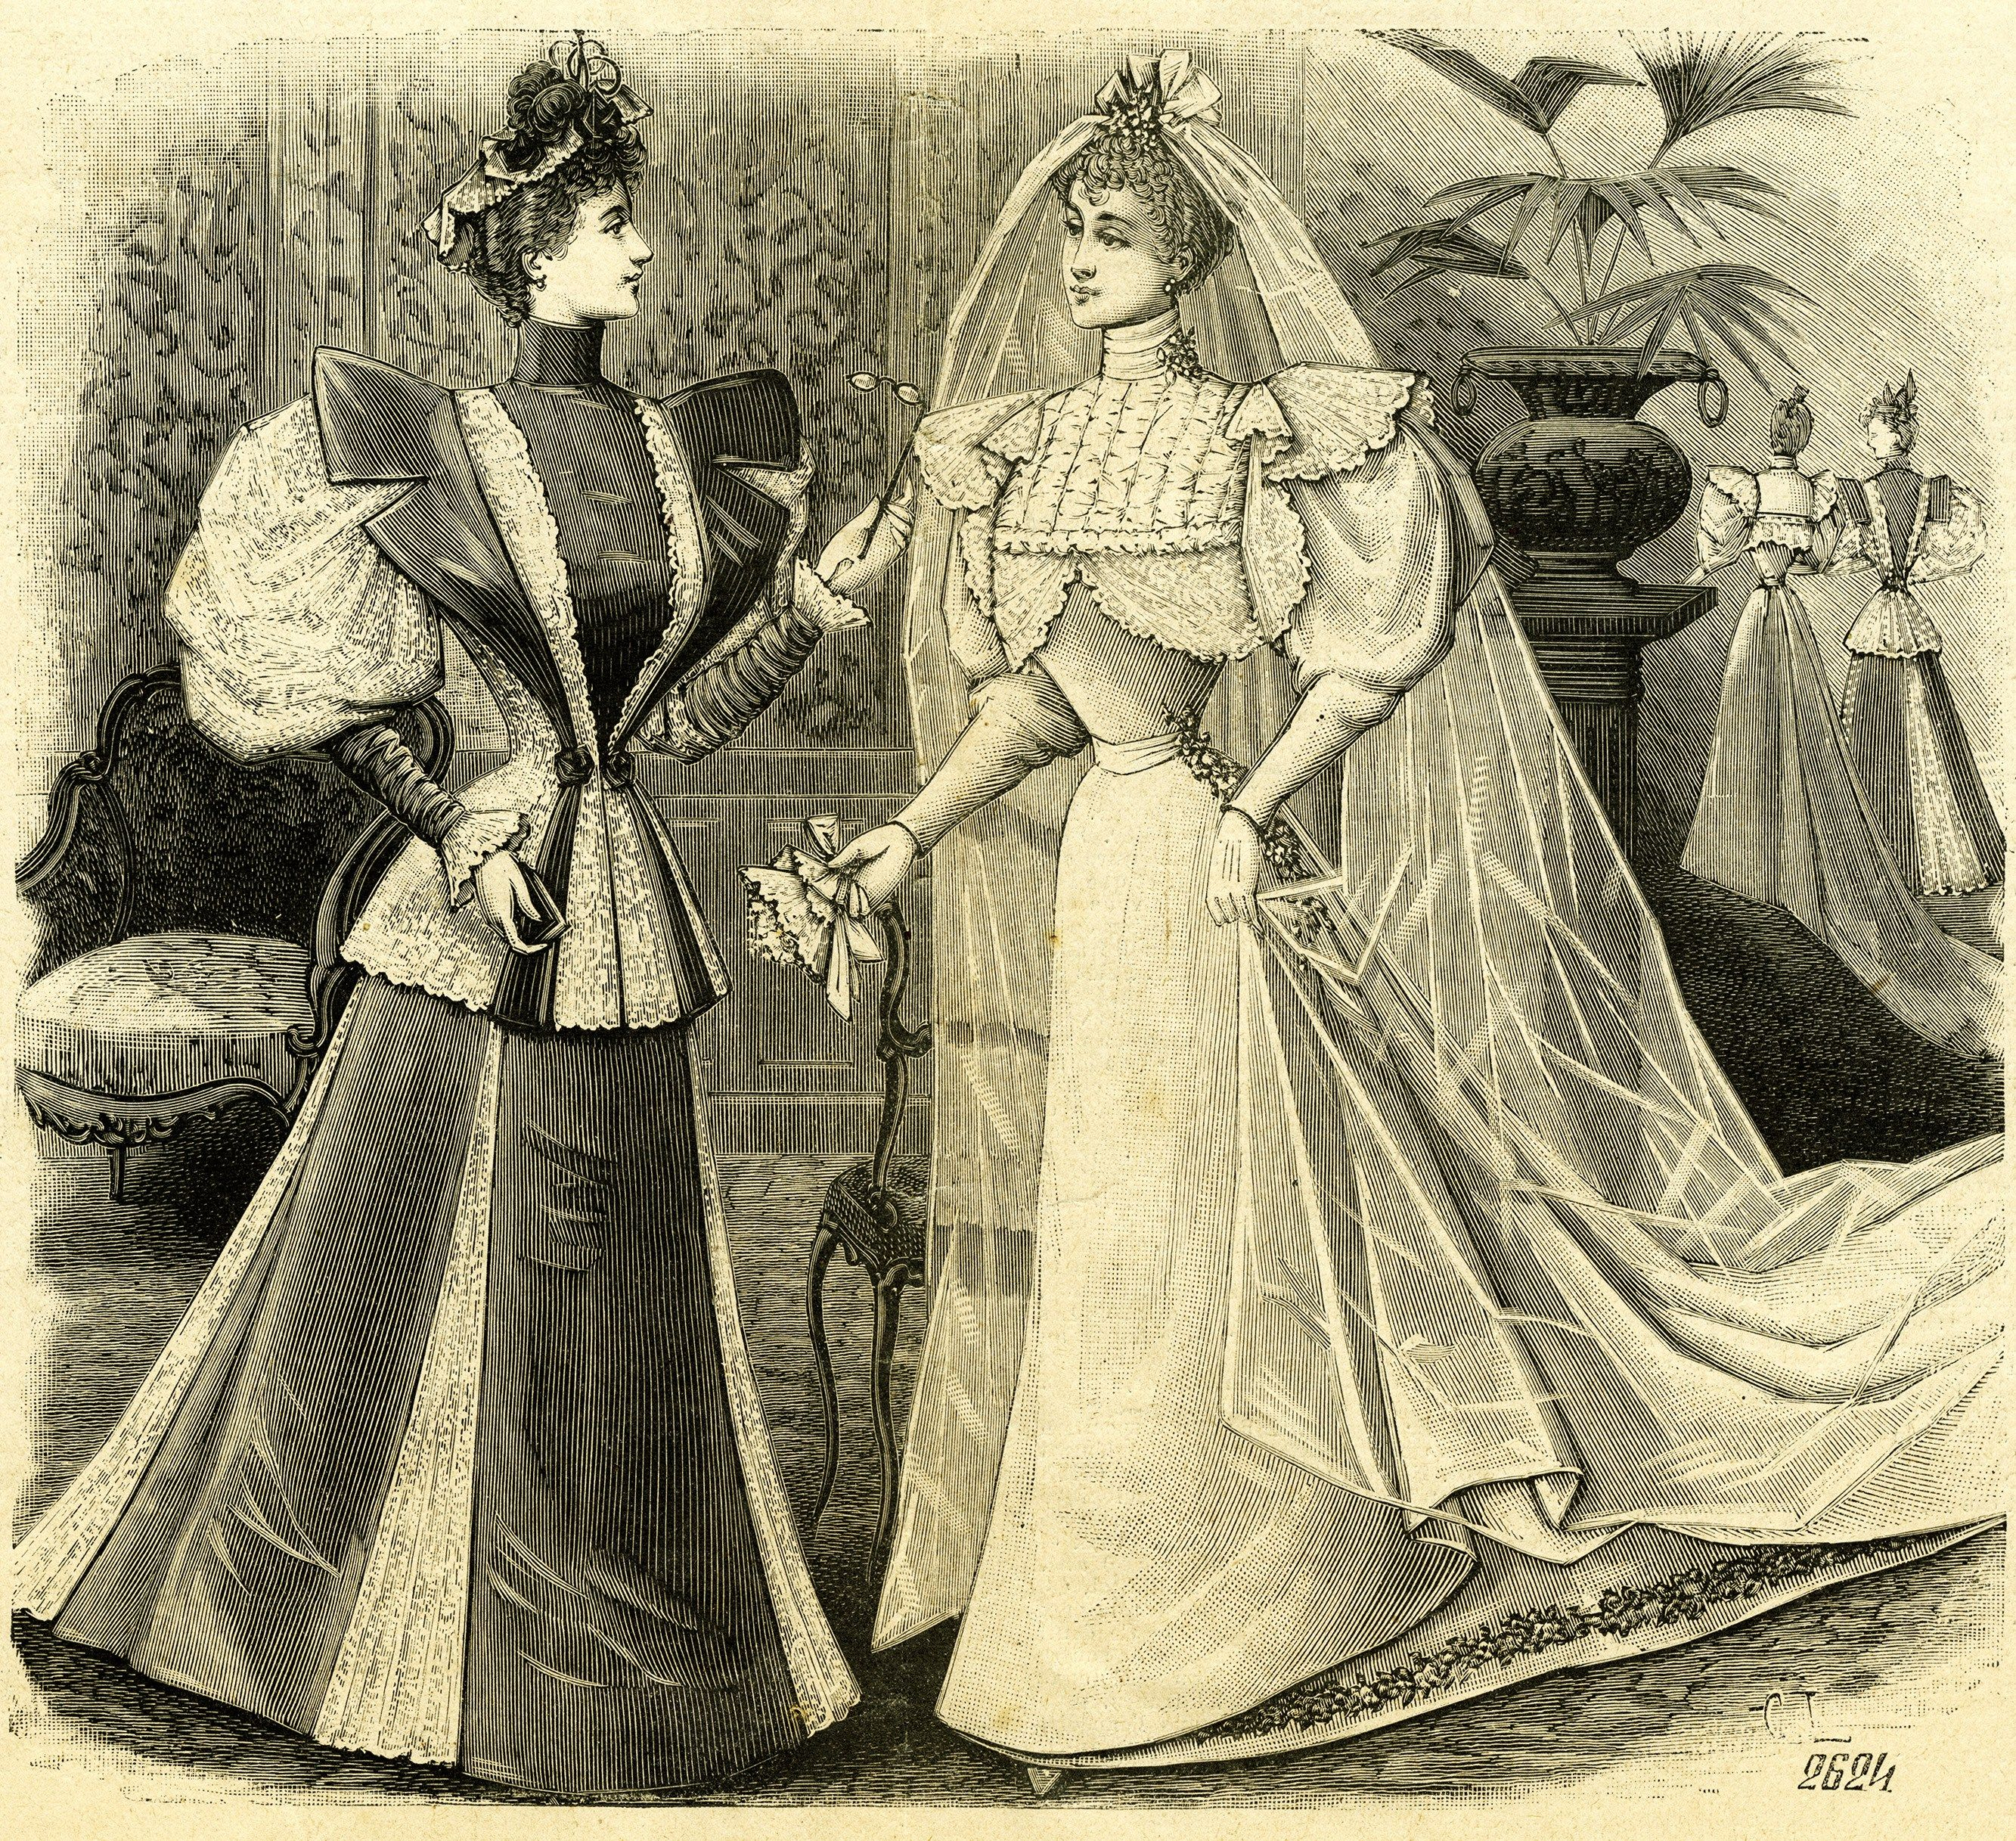 Vintage Bride Antique Engraving French Illustration Free Image Old